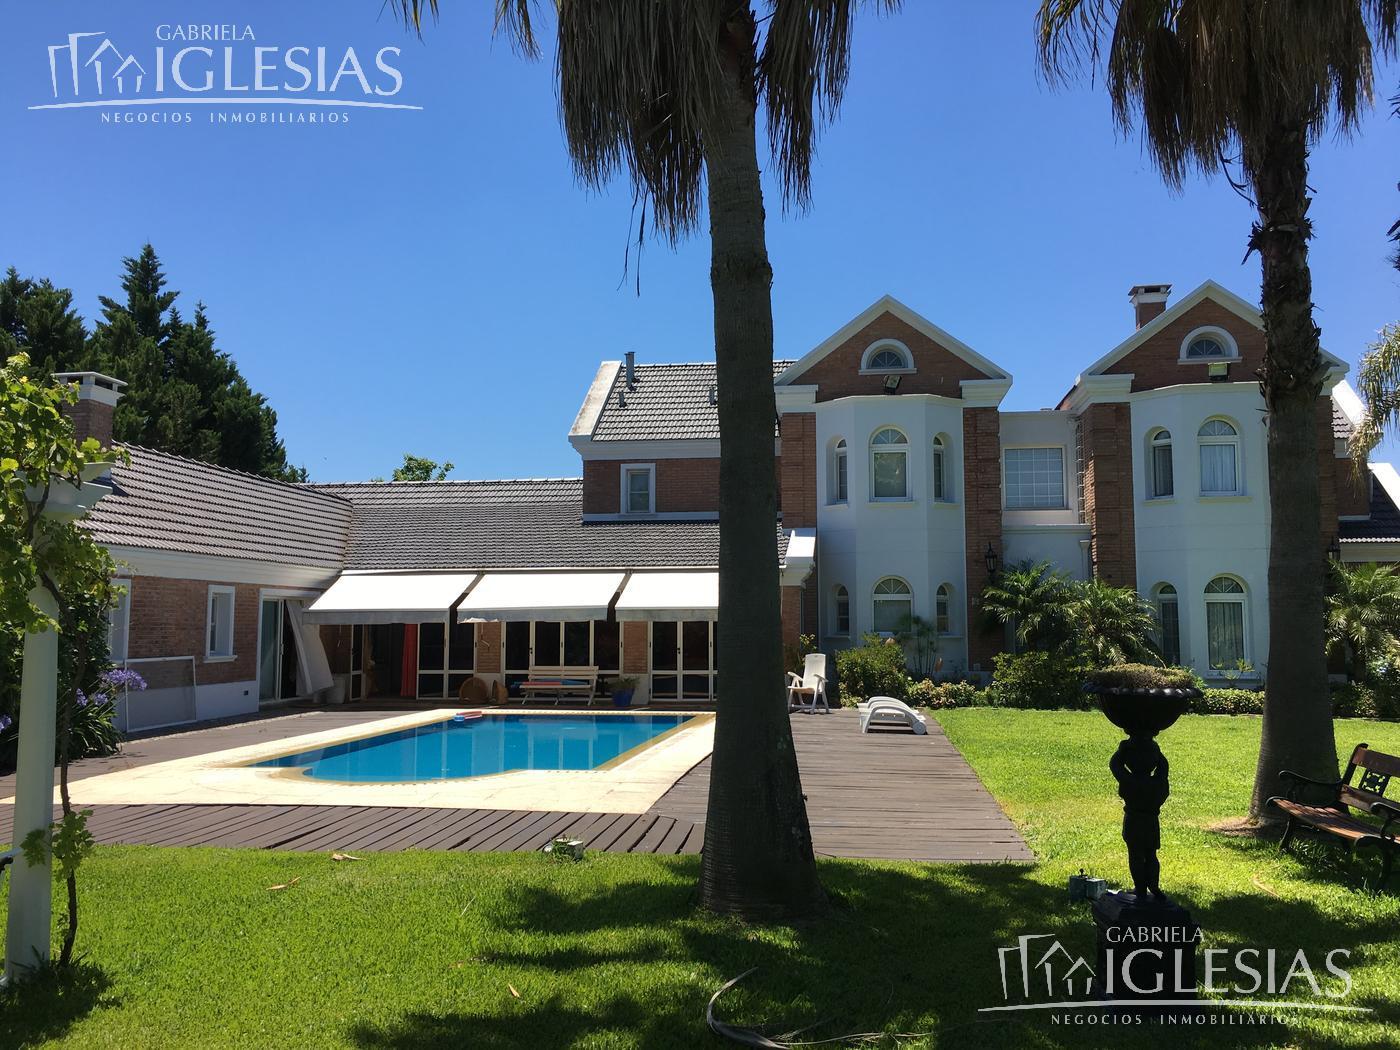 Casa en Venta en Nordelta Las Caletas a Venta - u$s 1.250.000